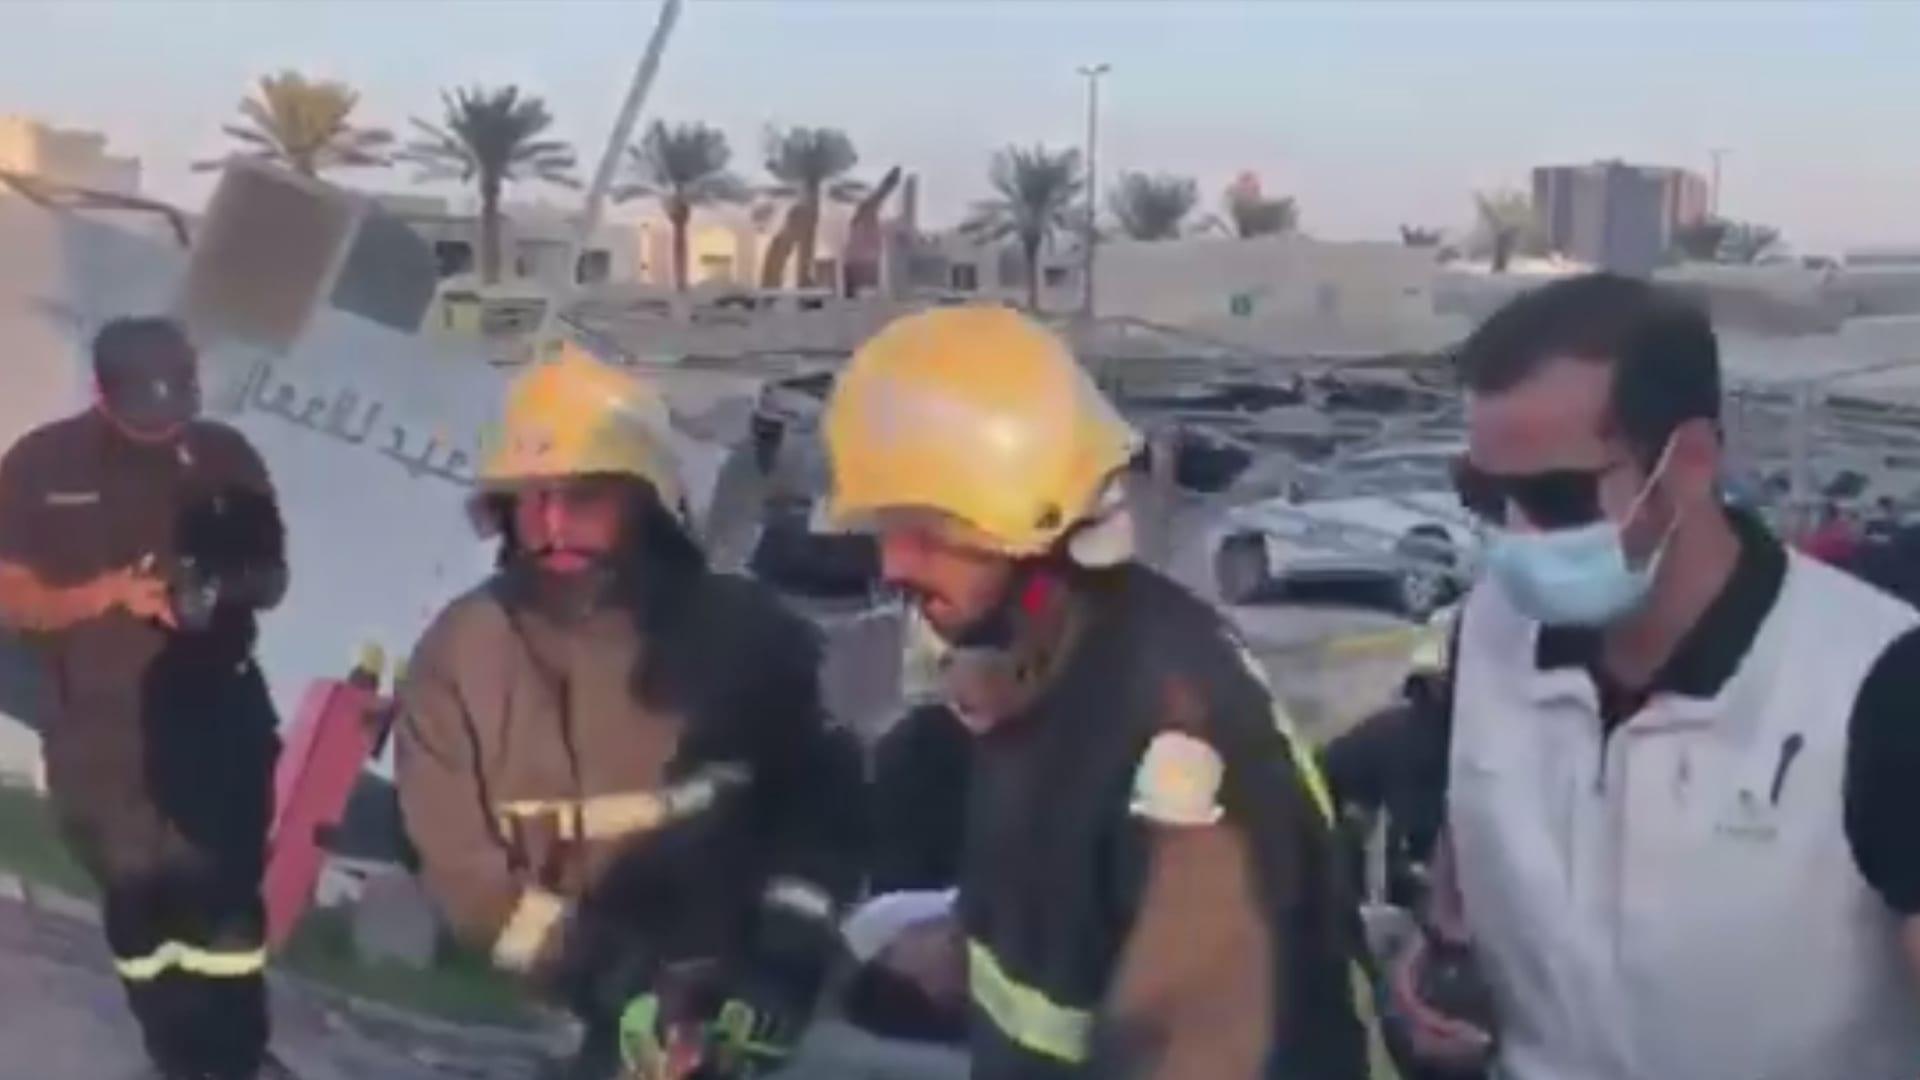 السعودية.. تداول فيديو لنجاة شخص لحظة وقوع انهيار أرضي بمواقف سيارات في الخبر